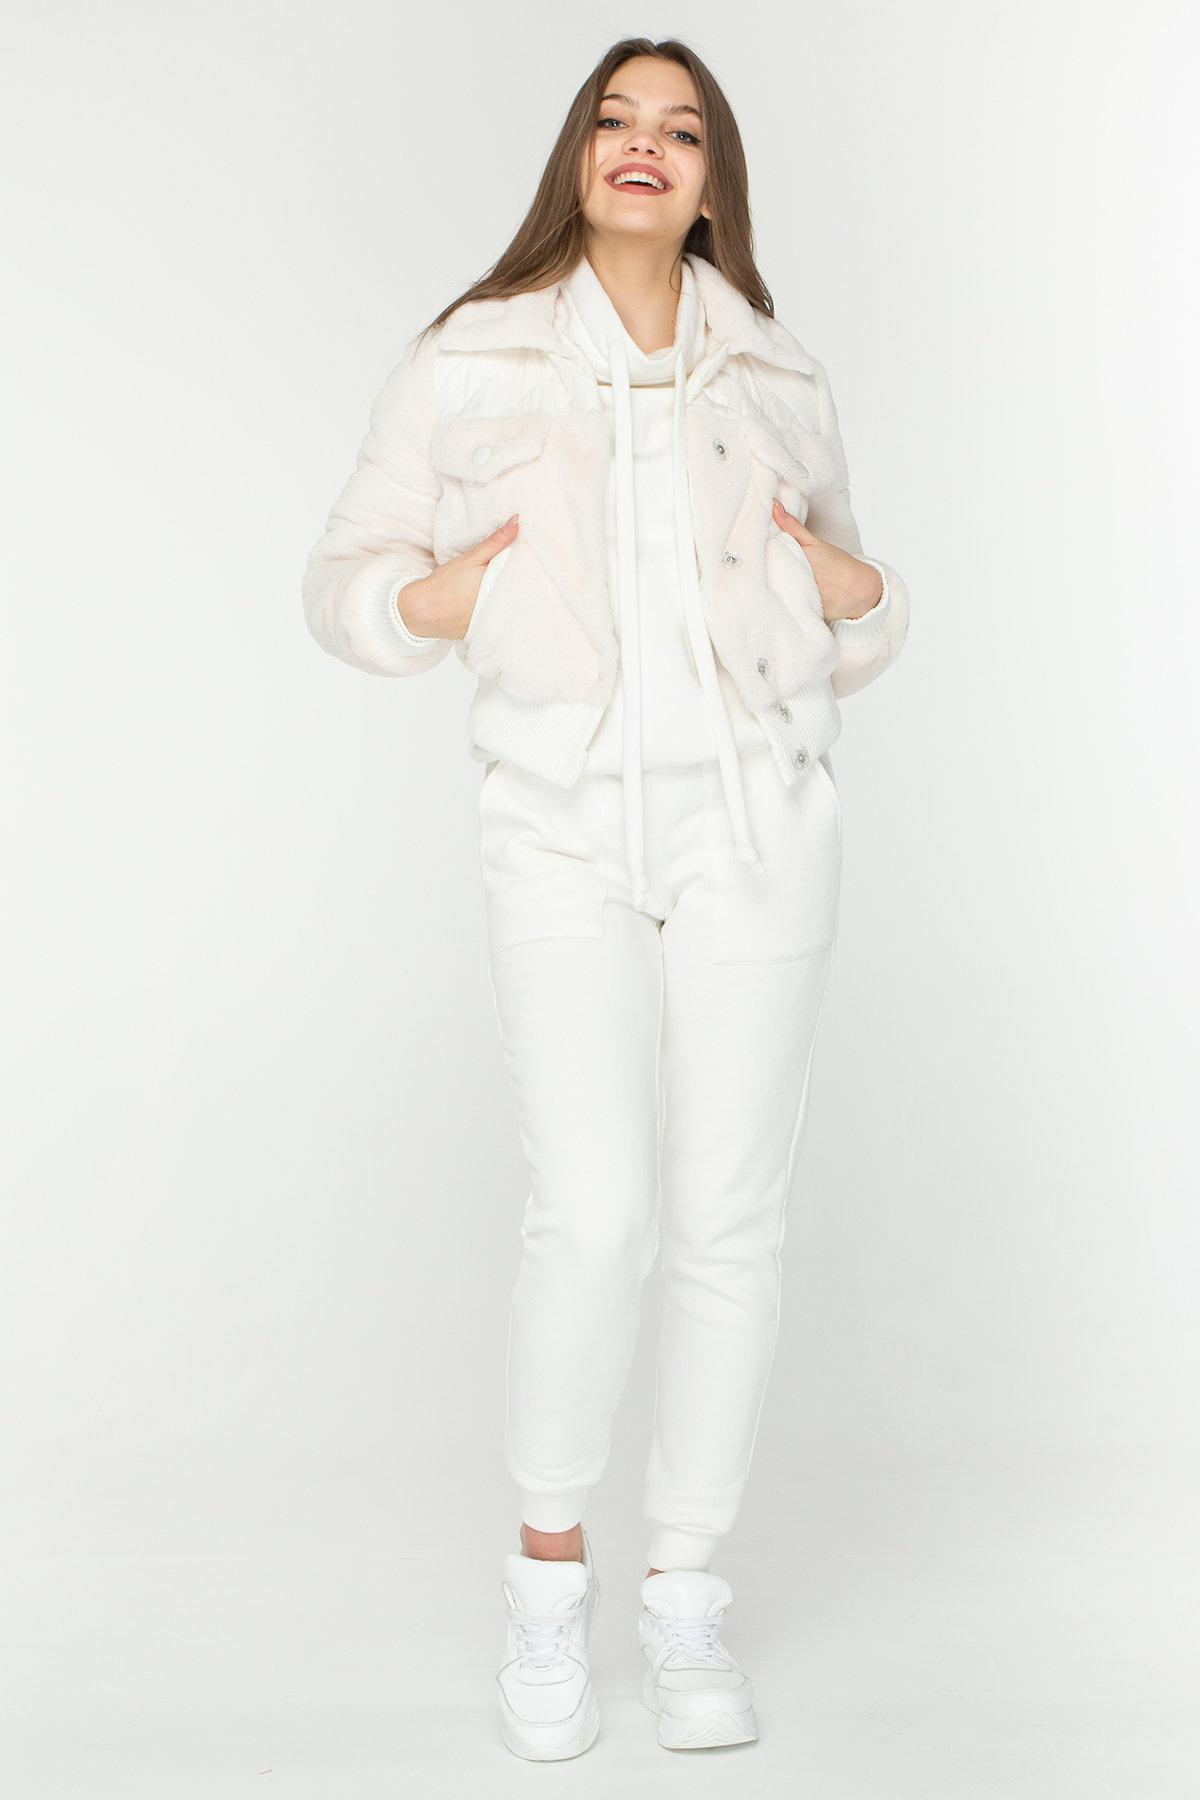 Стильная куртка бомбер Рино 8720 АРТ. 45171 Цвет: Молоко - фото 1, интернет магазин tm-modus.ru